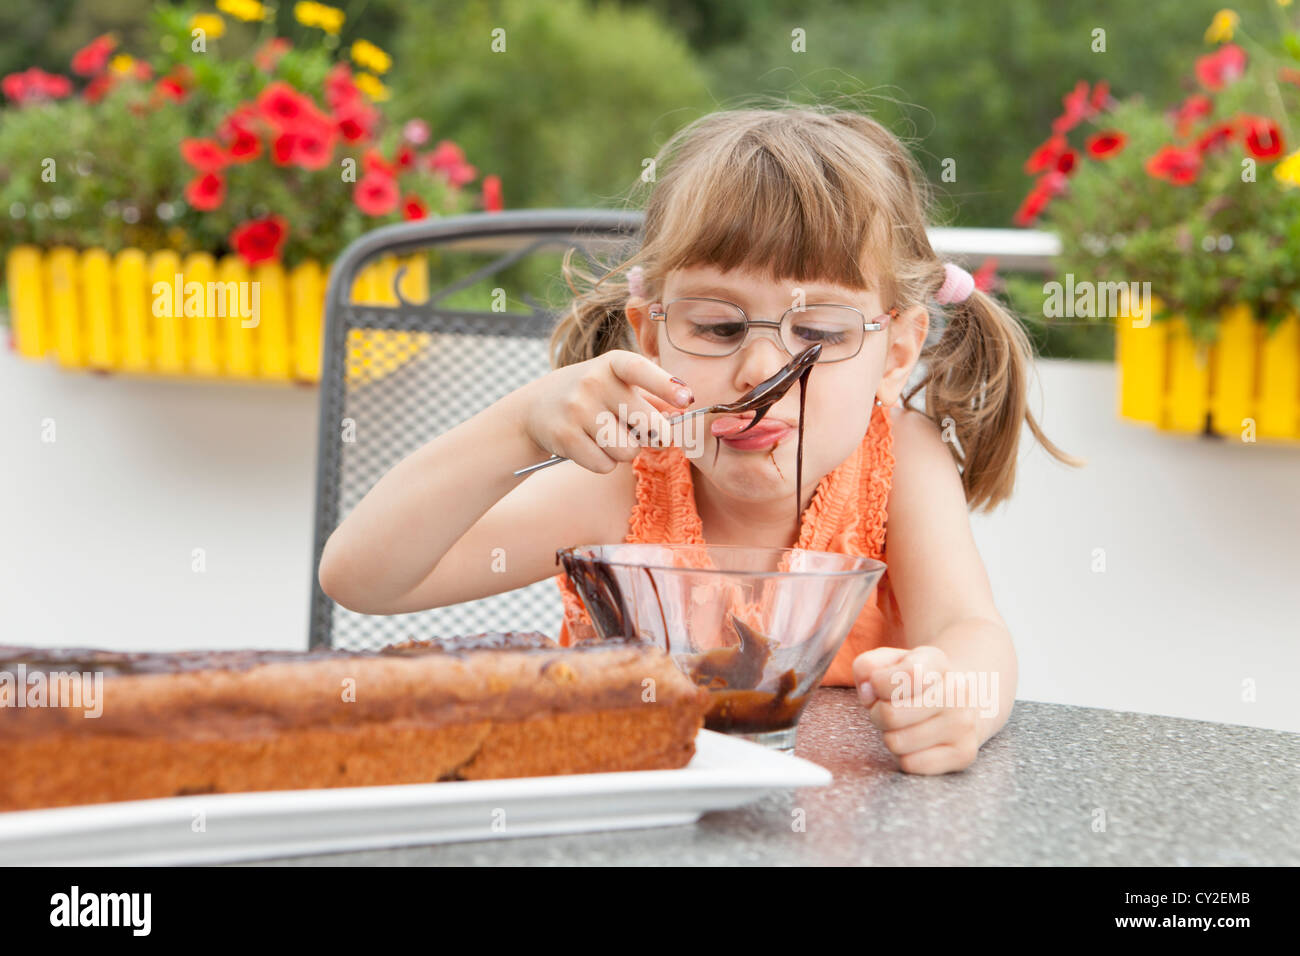 Bambina decorare la torta al cioccolato Immagini Stock